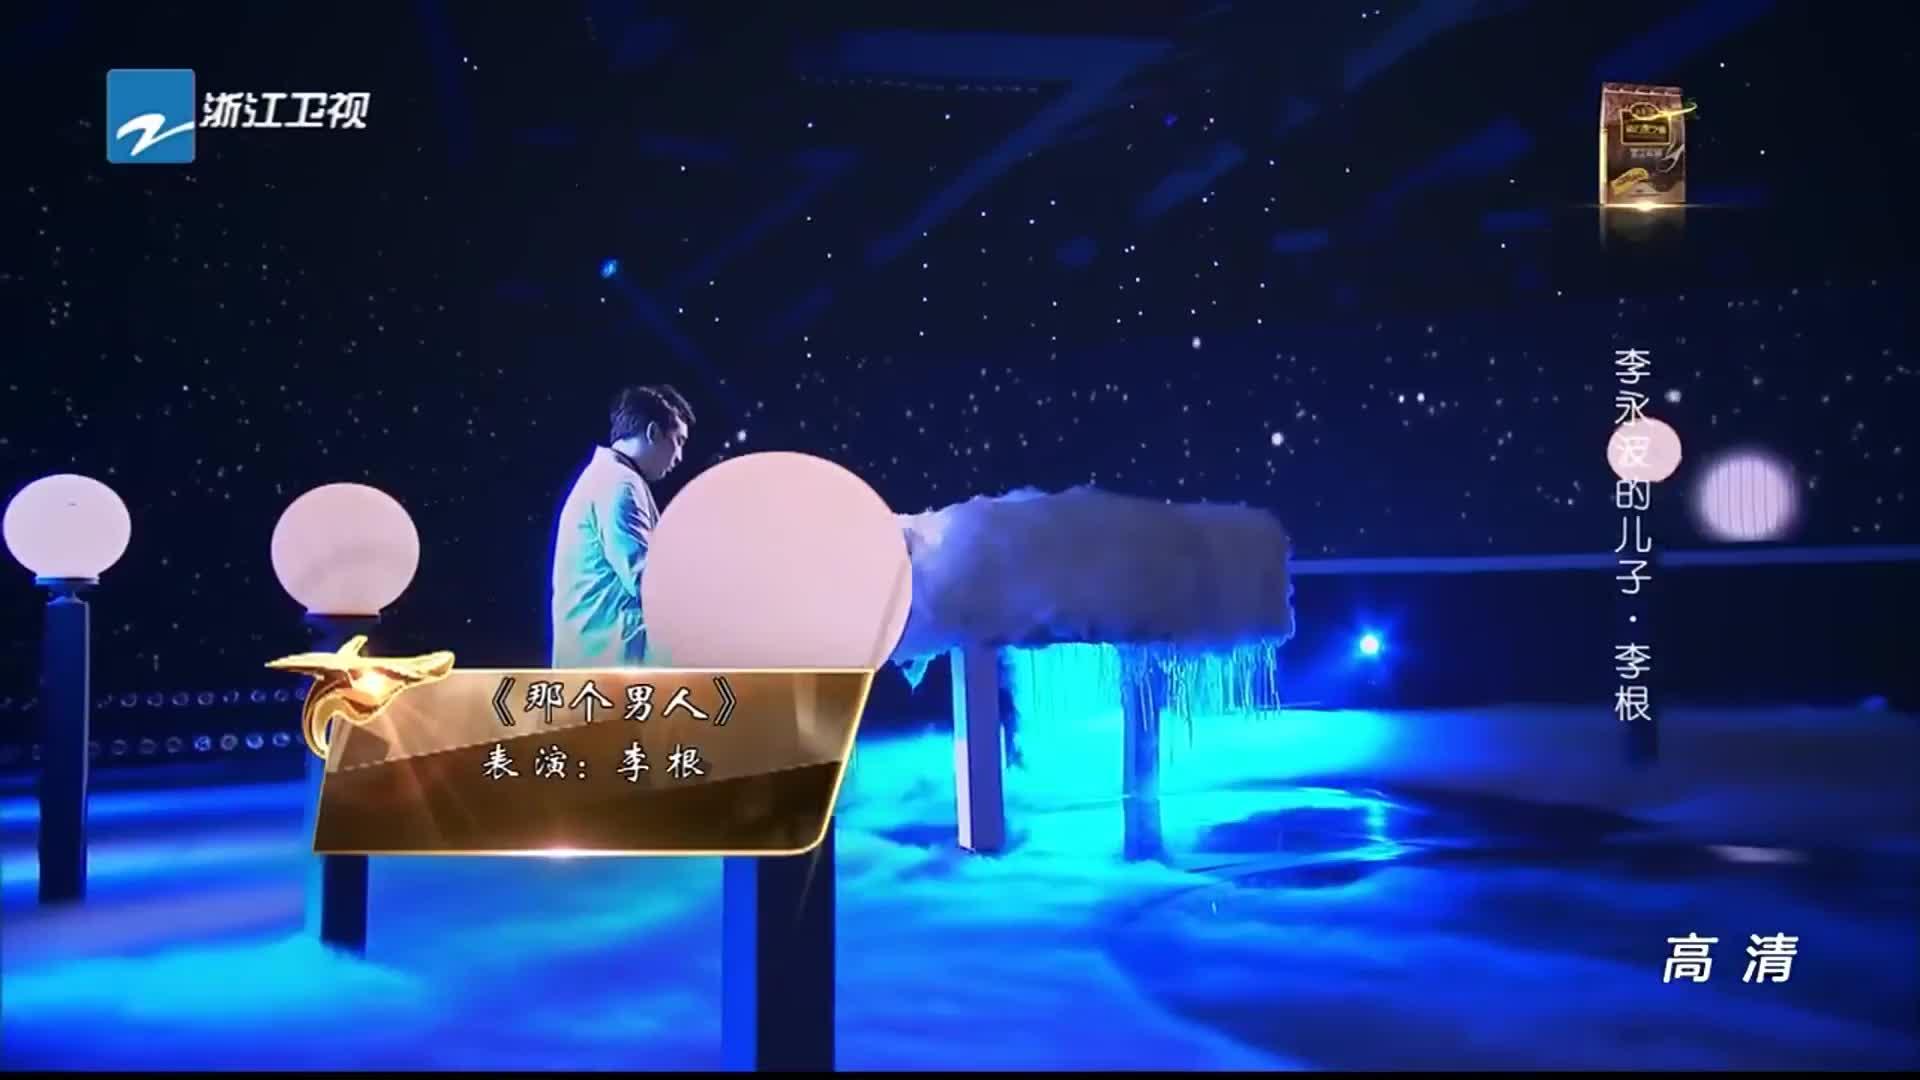 我不是明星:李永波儿子李根自弹唱《那个男人》,一直很喜欢唱歌